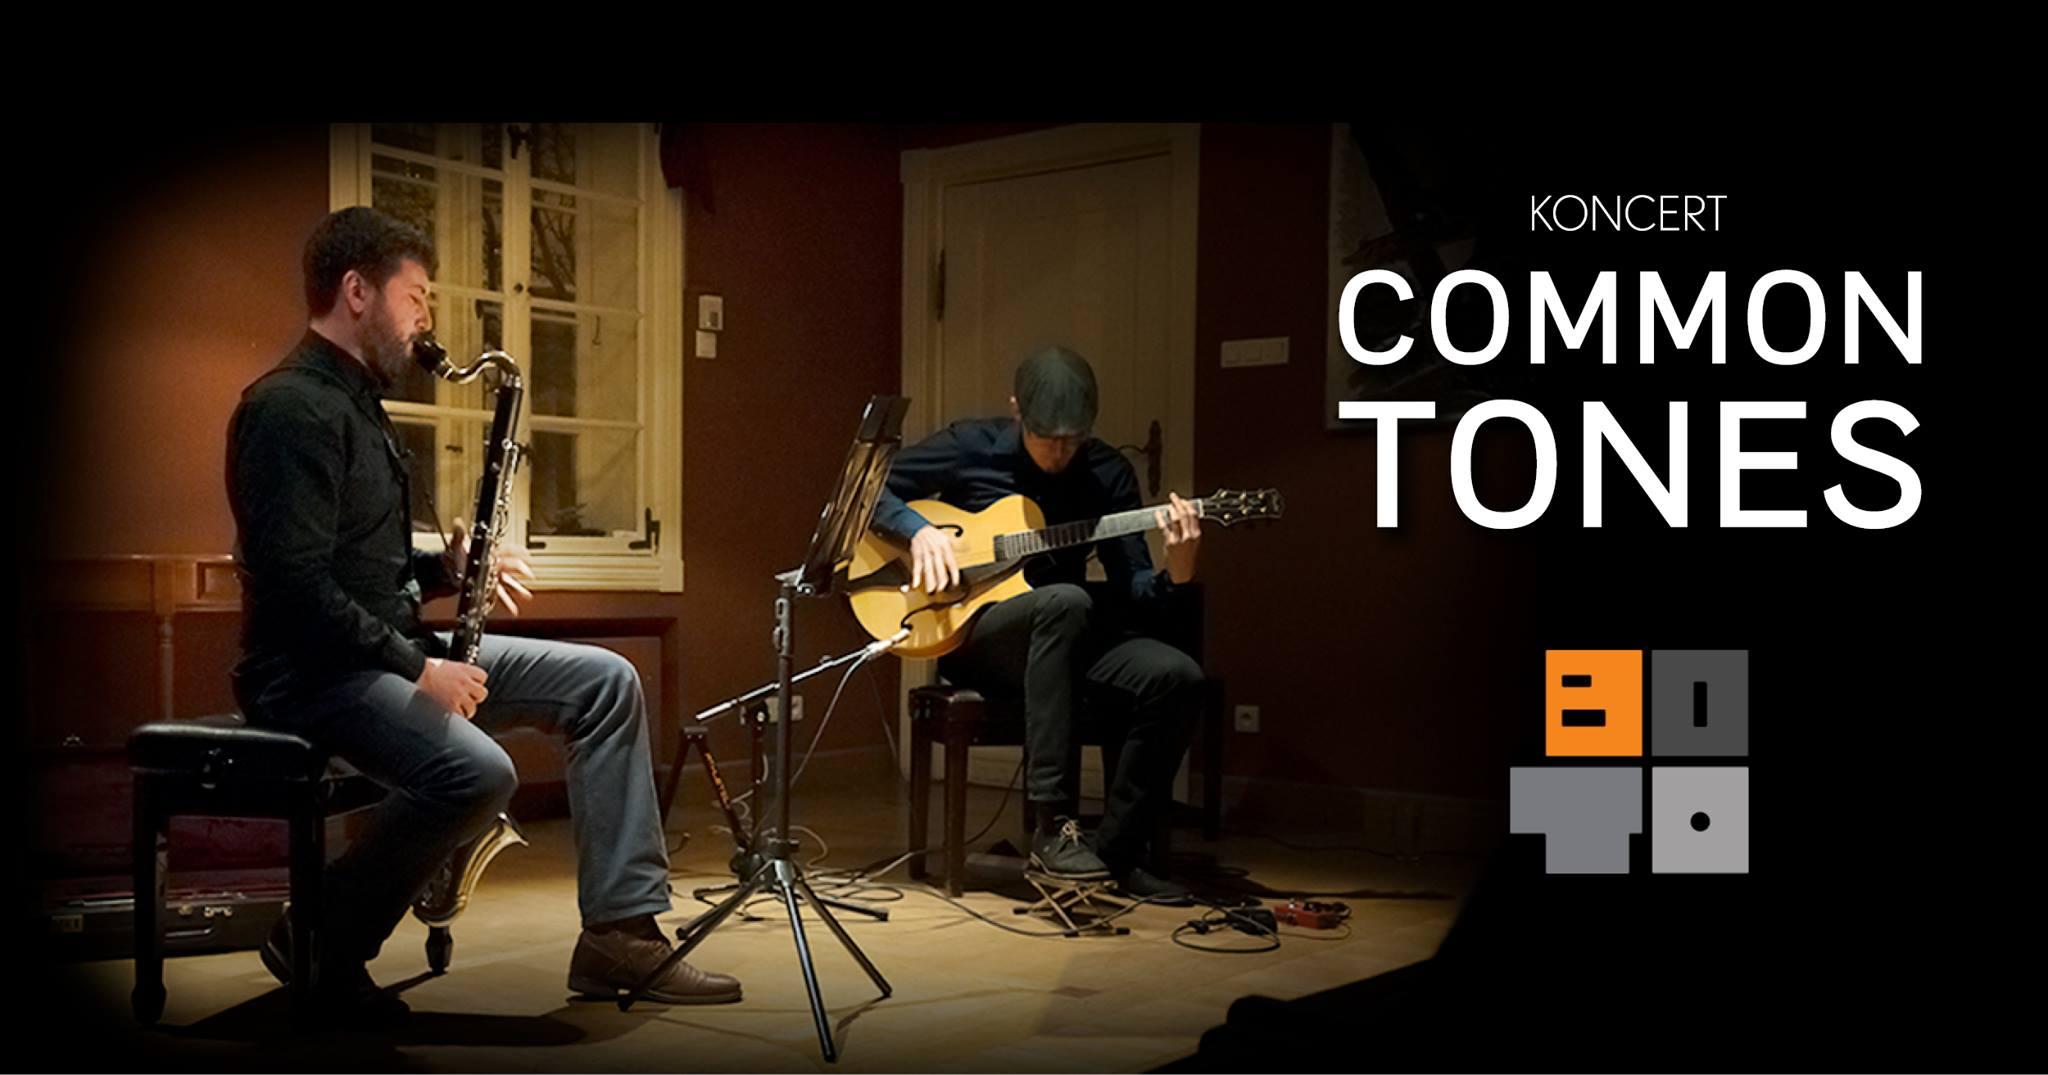 Common Tones / koncert